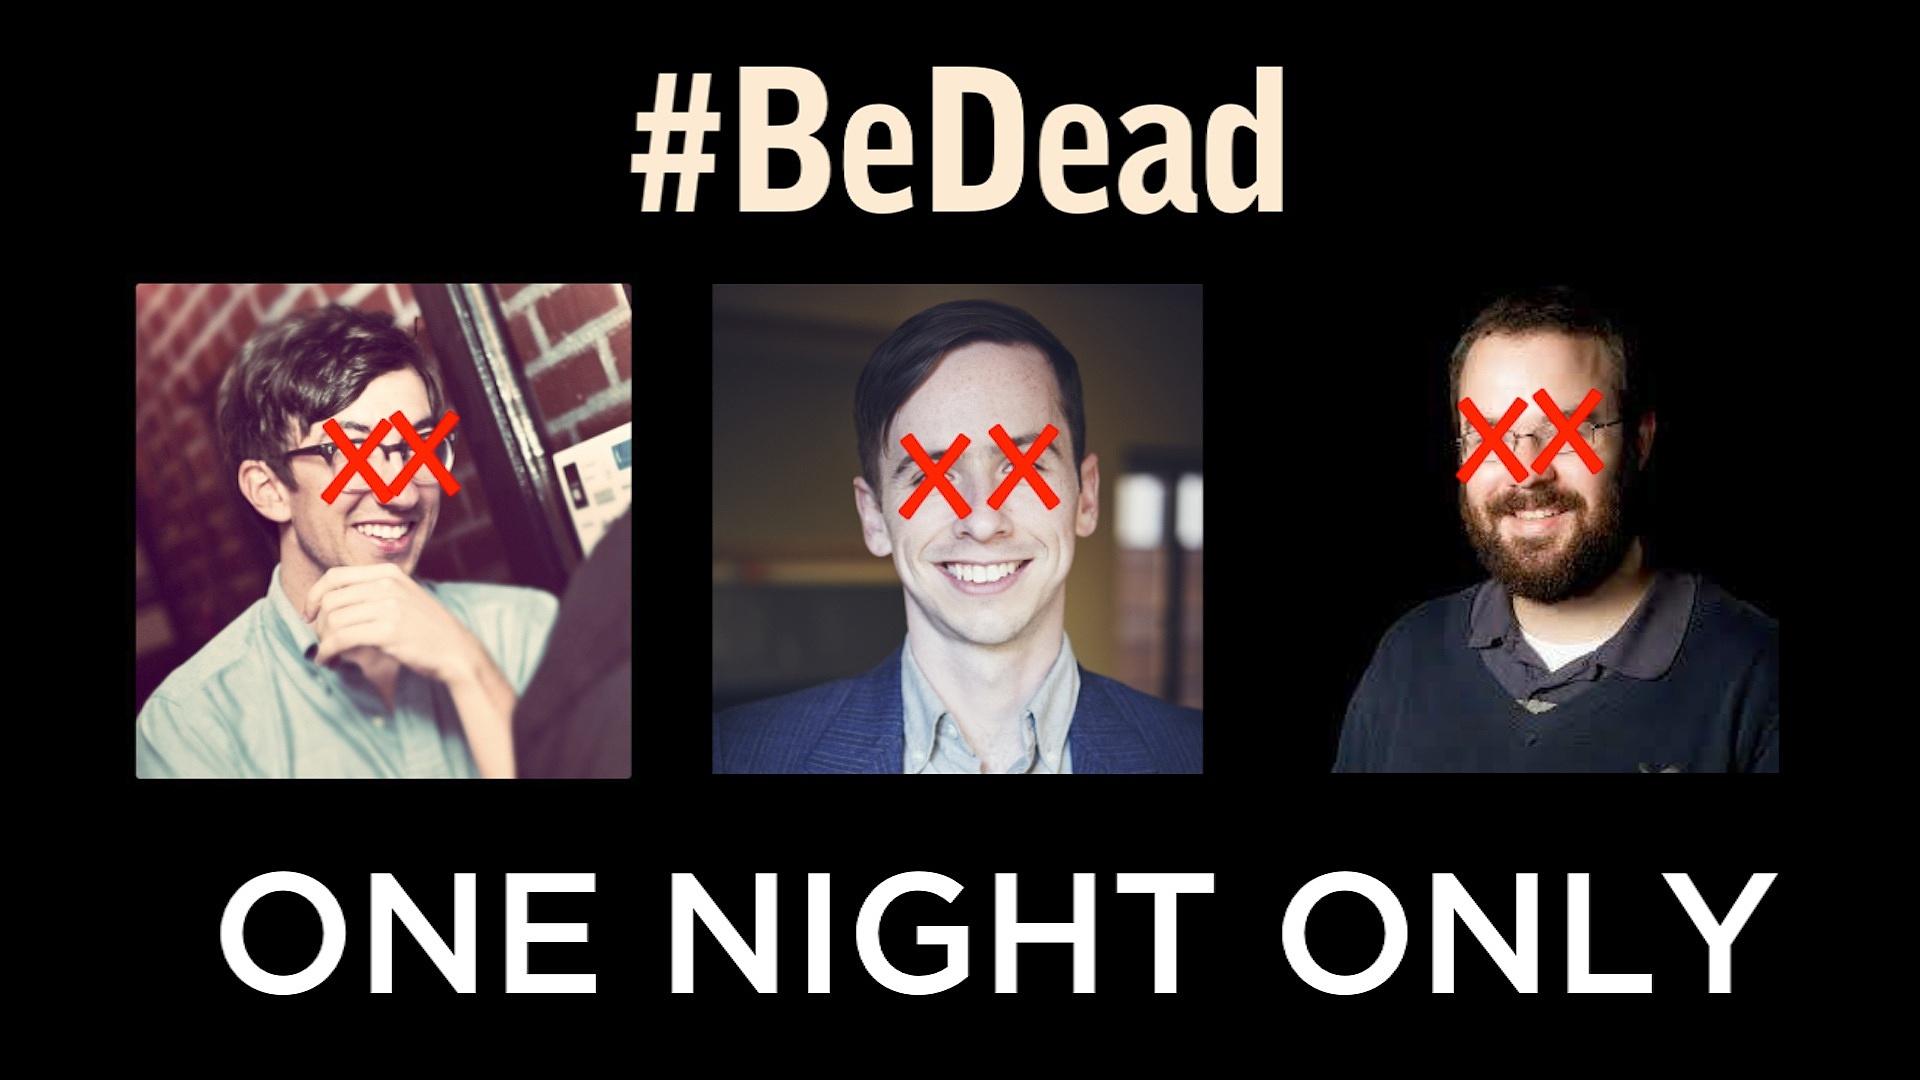 #BeDead